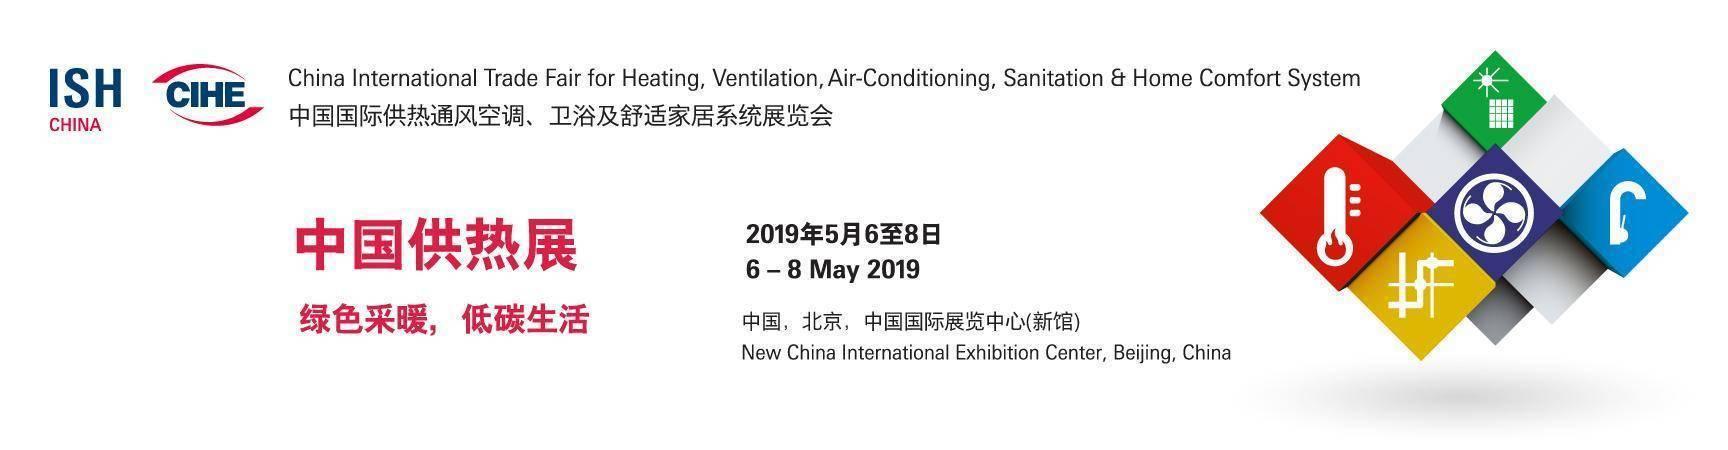 2019年北京供热展览会